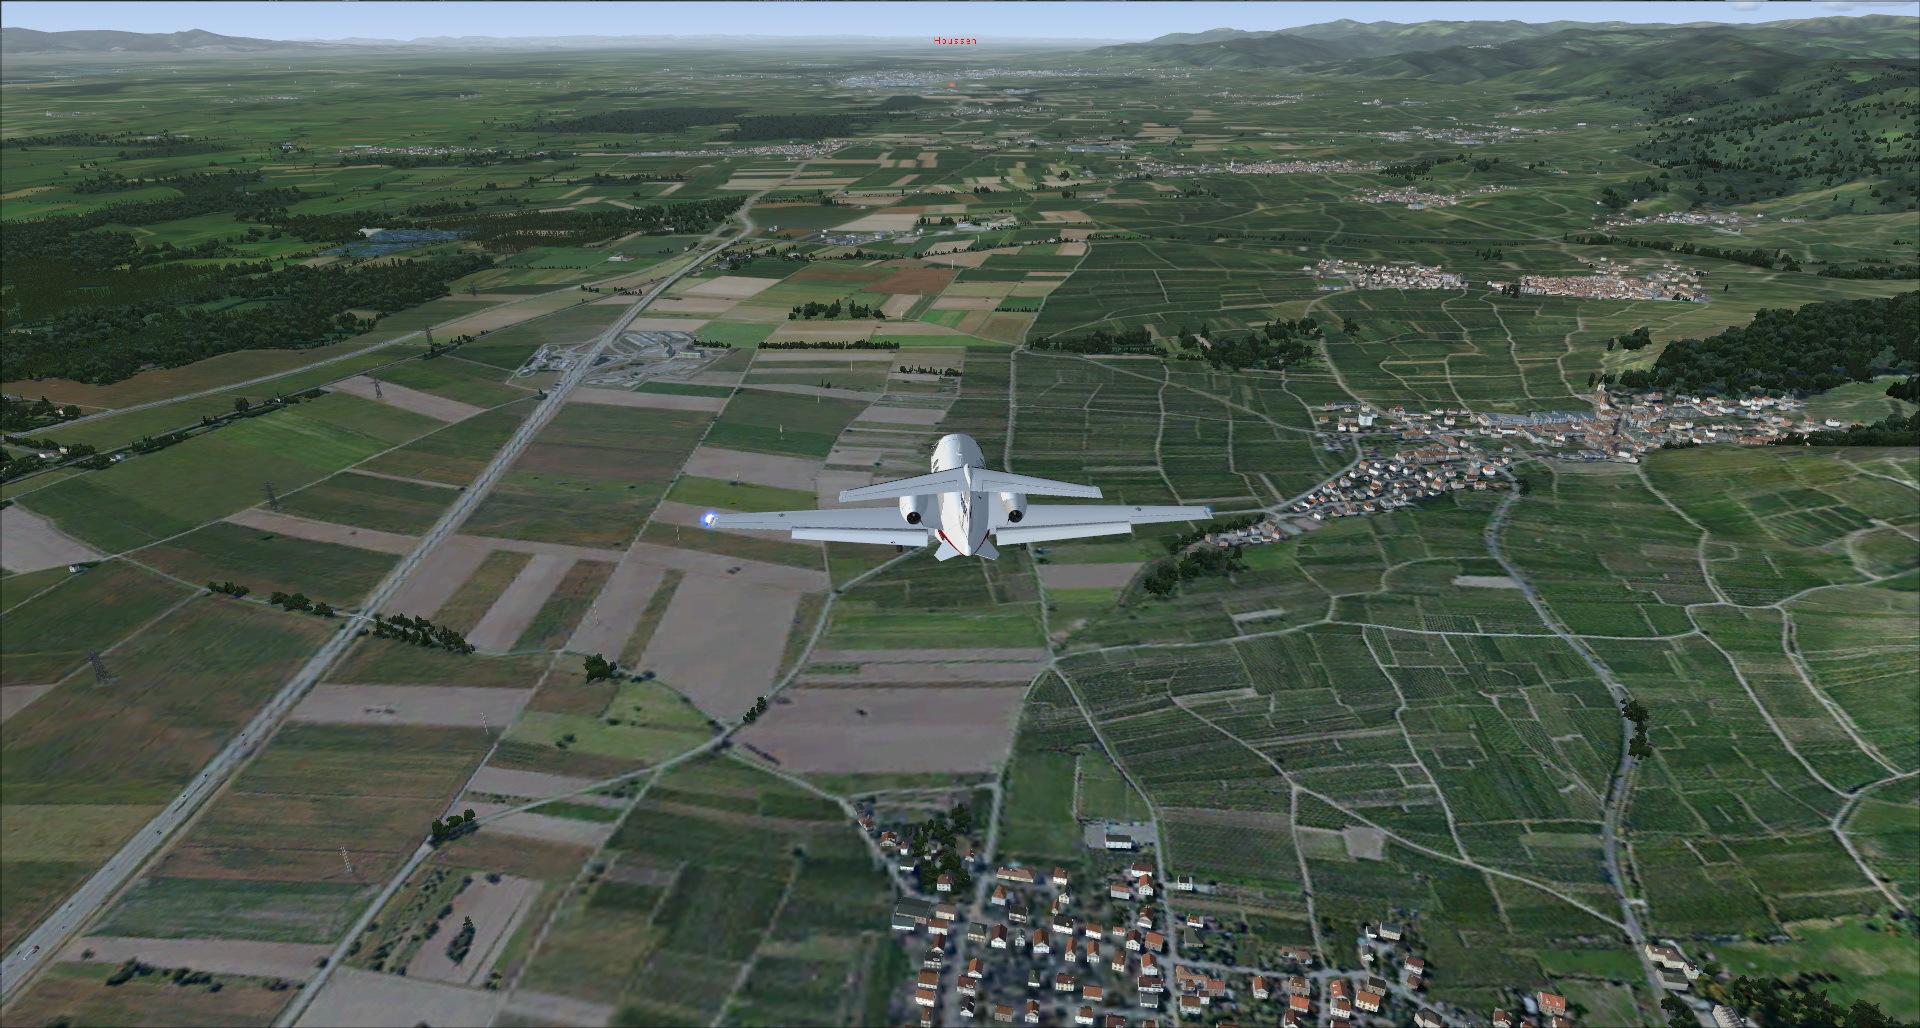 Le tour de la France continue 452072201351021296480